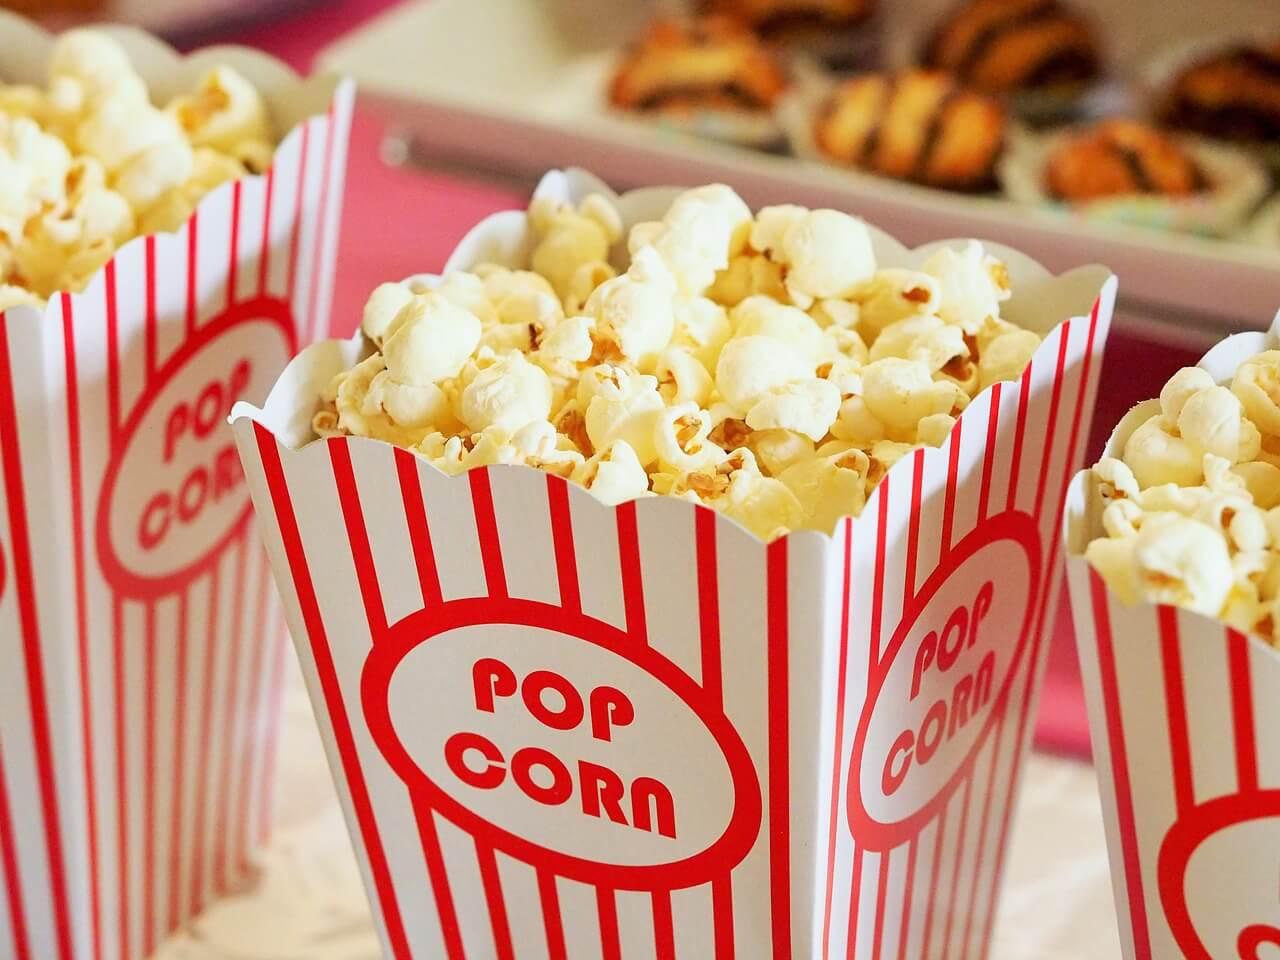 popcorn in cinema